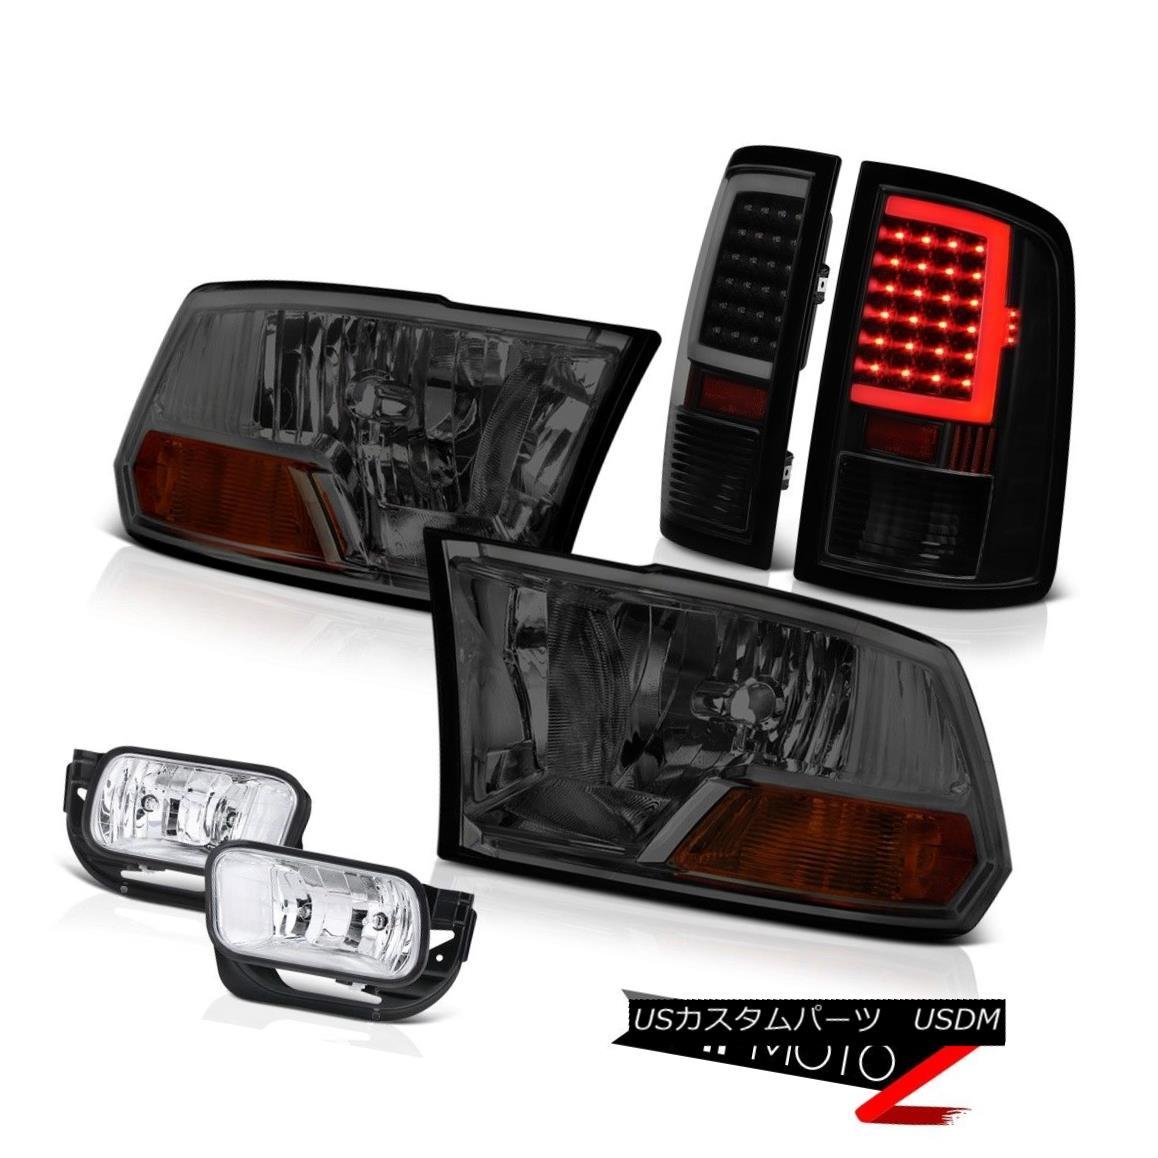 テールライト 2010-2018 Dodge RAM 2500 LED Tail Light Fog Smoked Factory Style Head Lamp SET 2010-2018ダッジRAM 2500 LEDテールライトフォグスモークファクトリースタイルヘッドランプSET